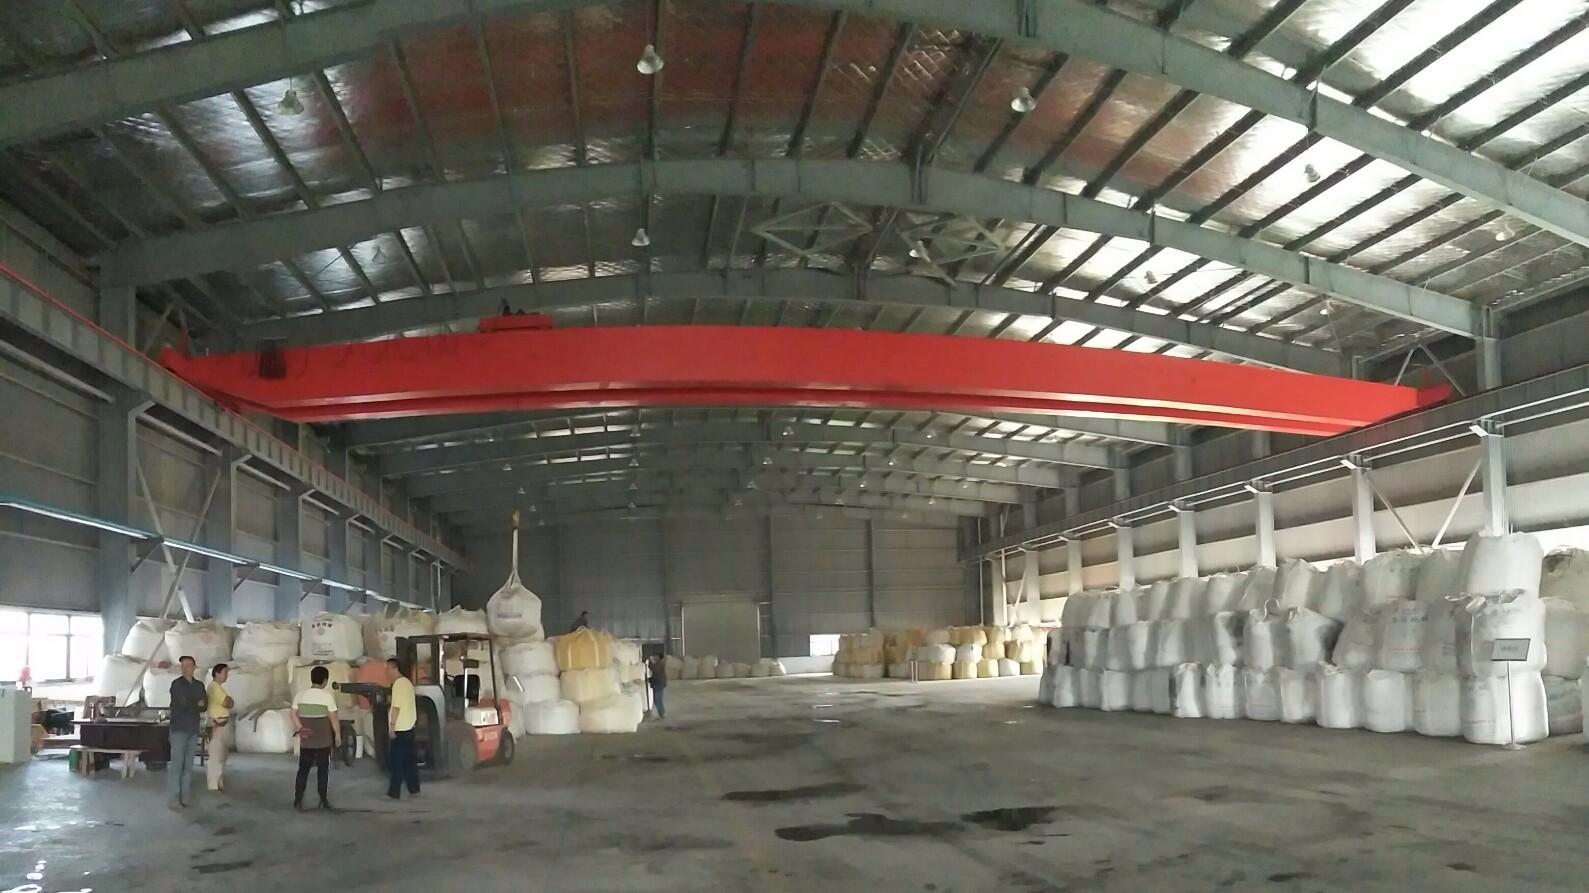 蚌埠高新区双梁桥式起重机销售热线:13855229662